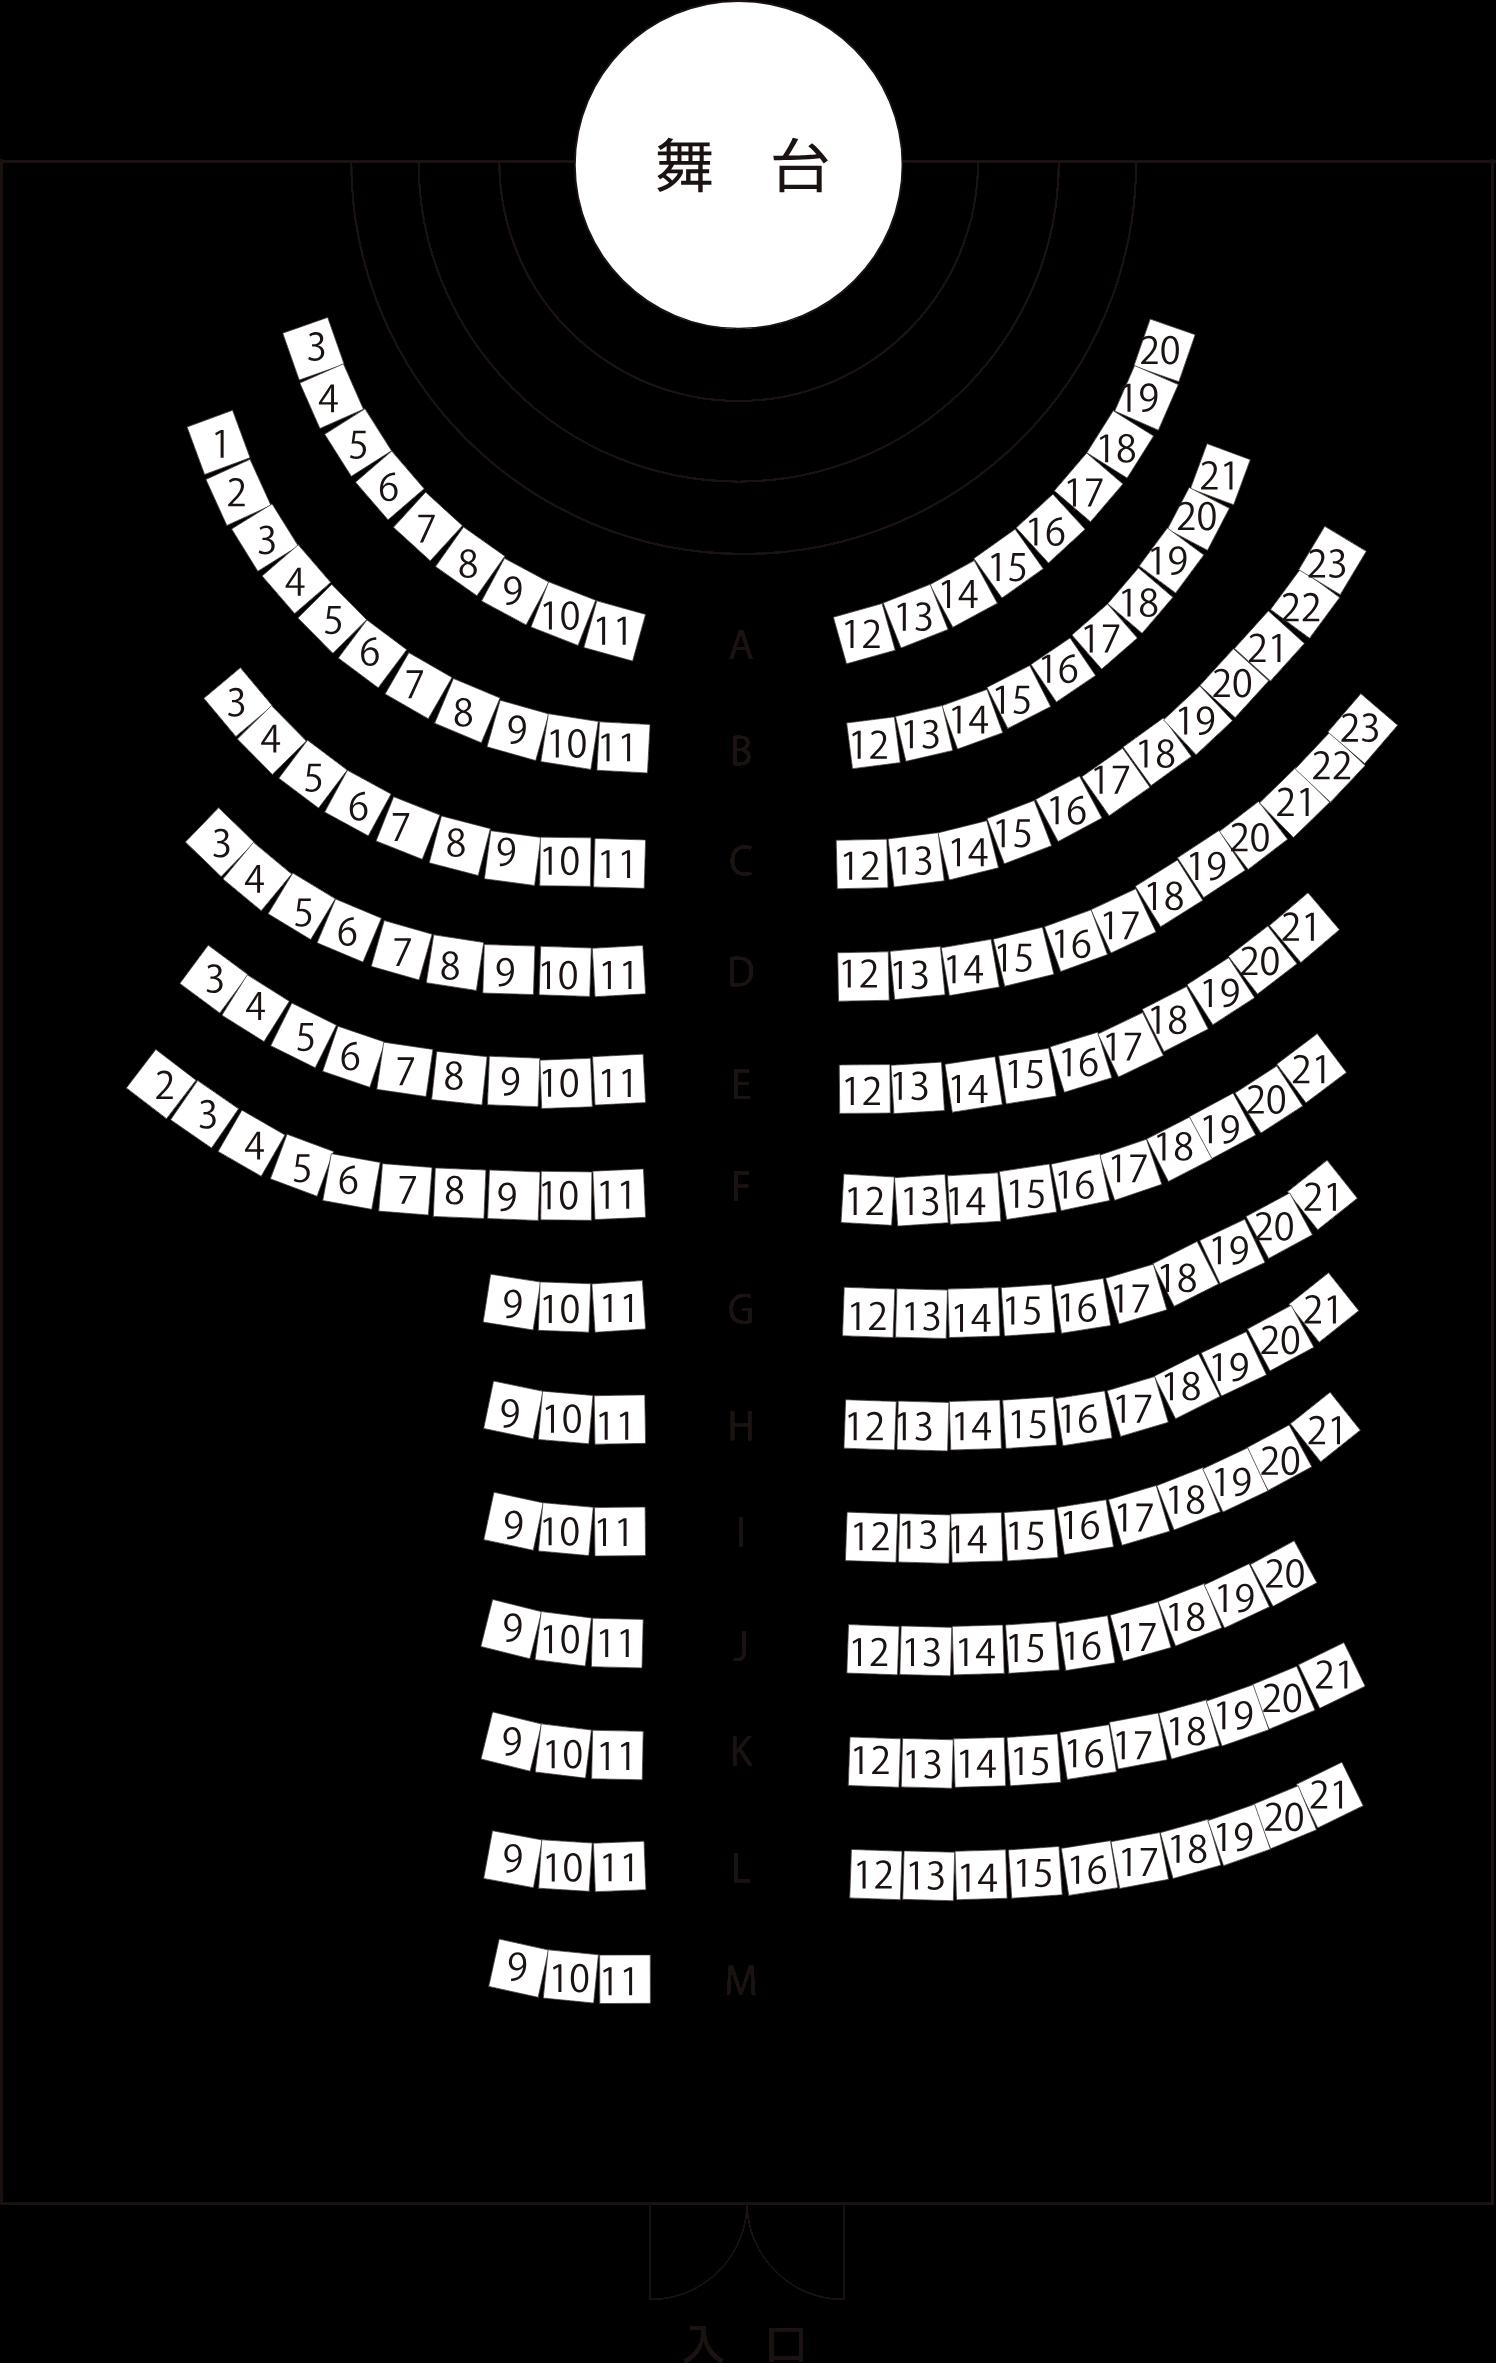 パフォーマンス広場(地下1階)